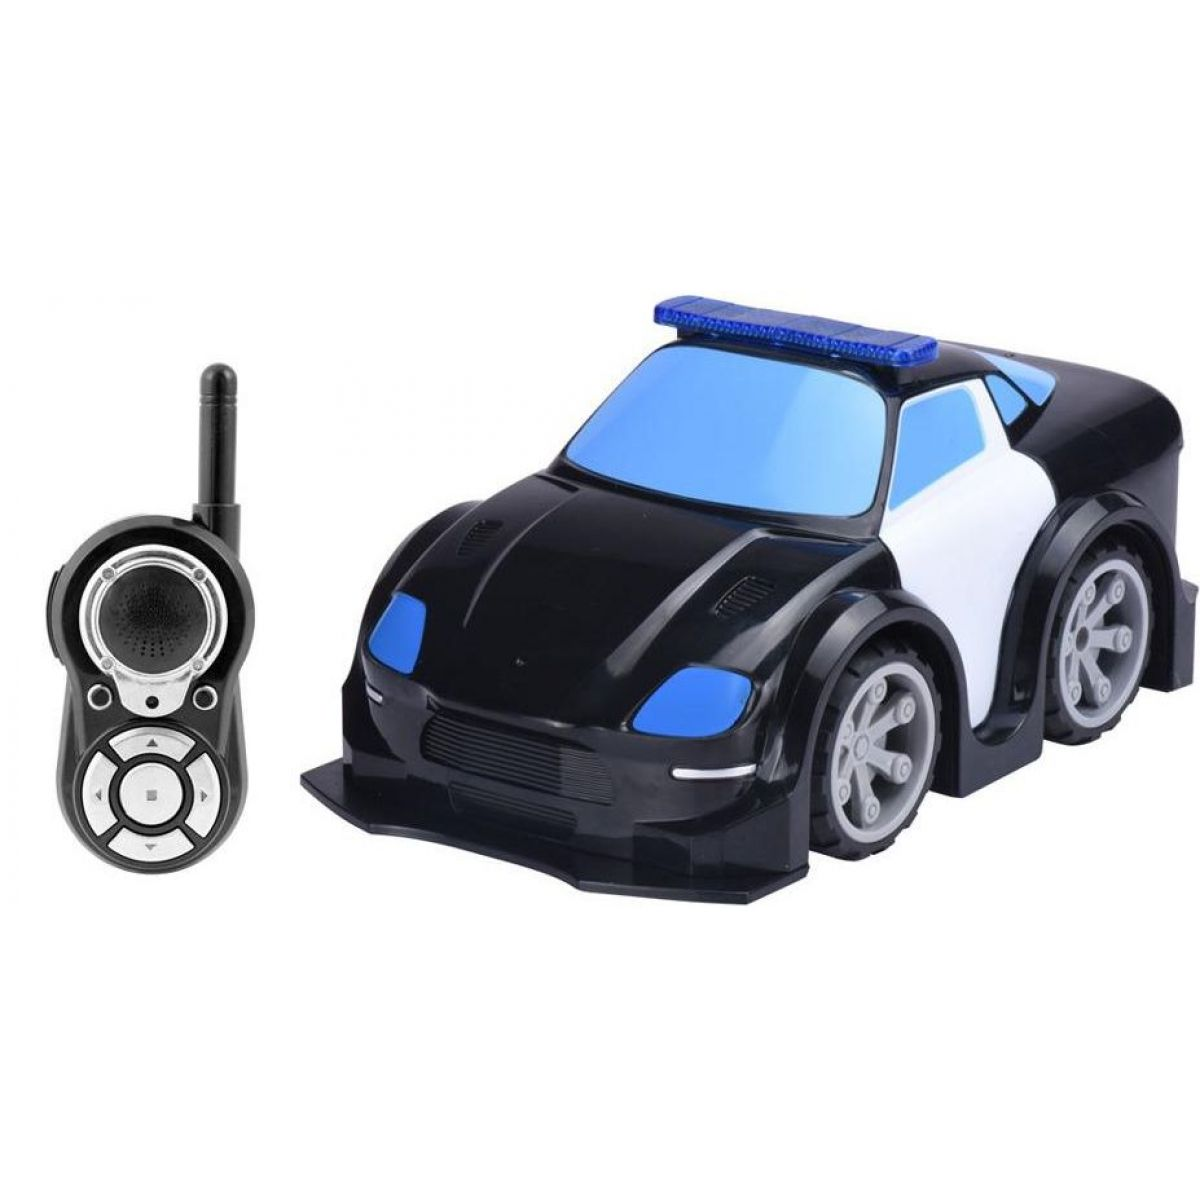 Ep Line Policajné RC auto ovládané hlasom 1:24